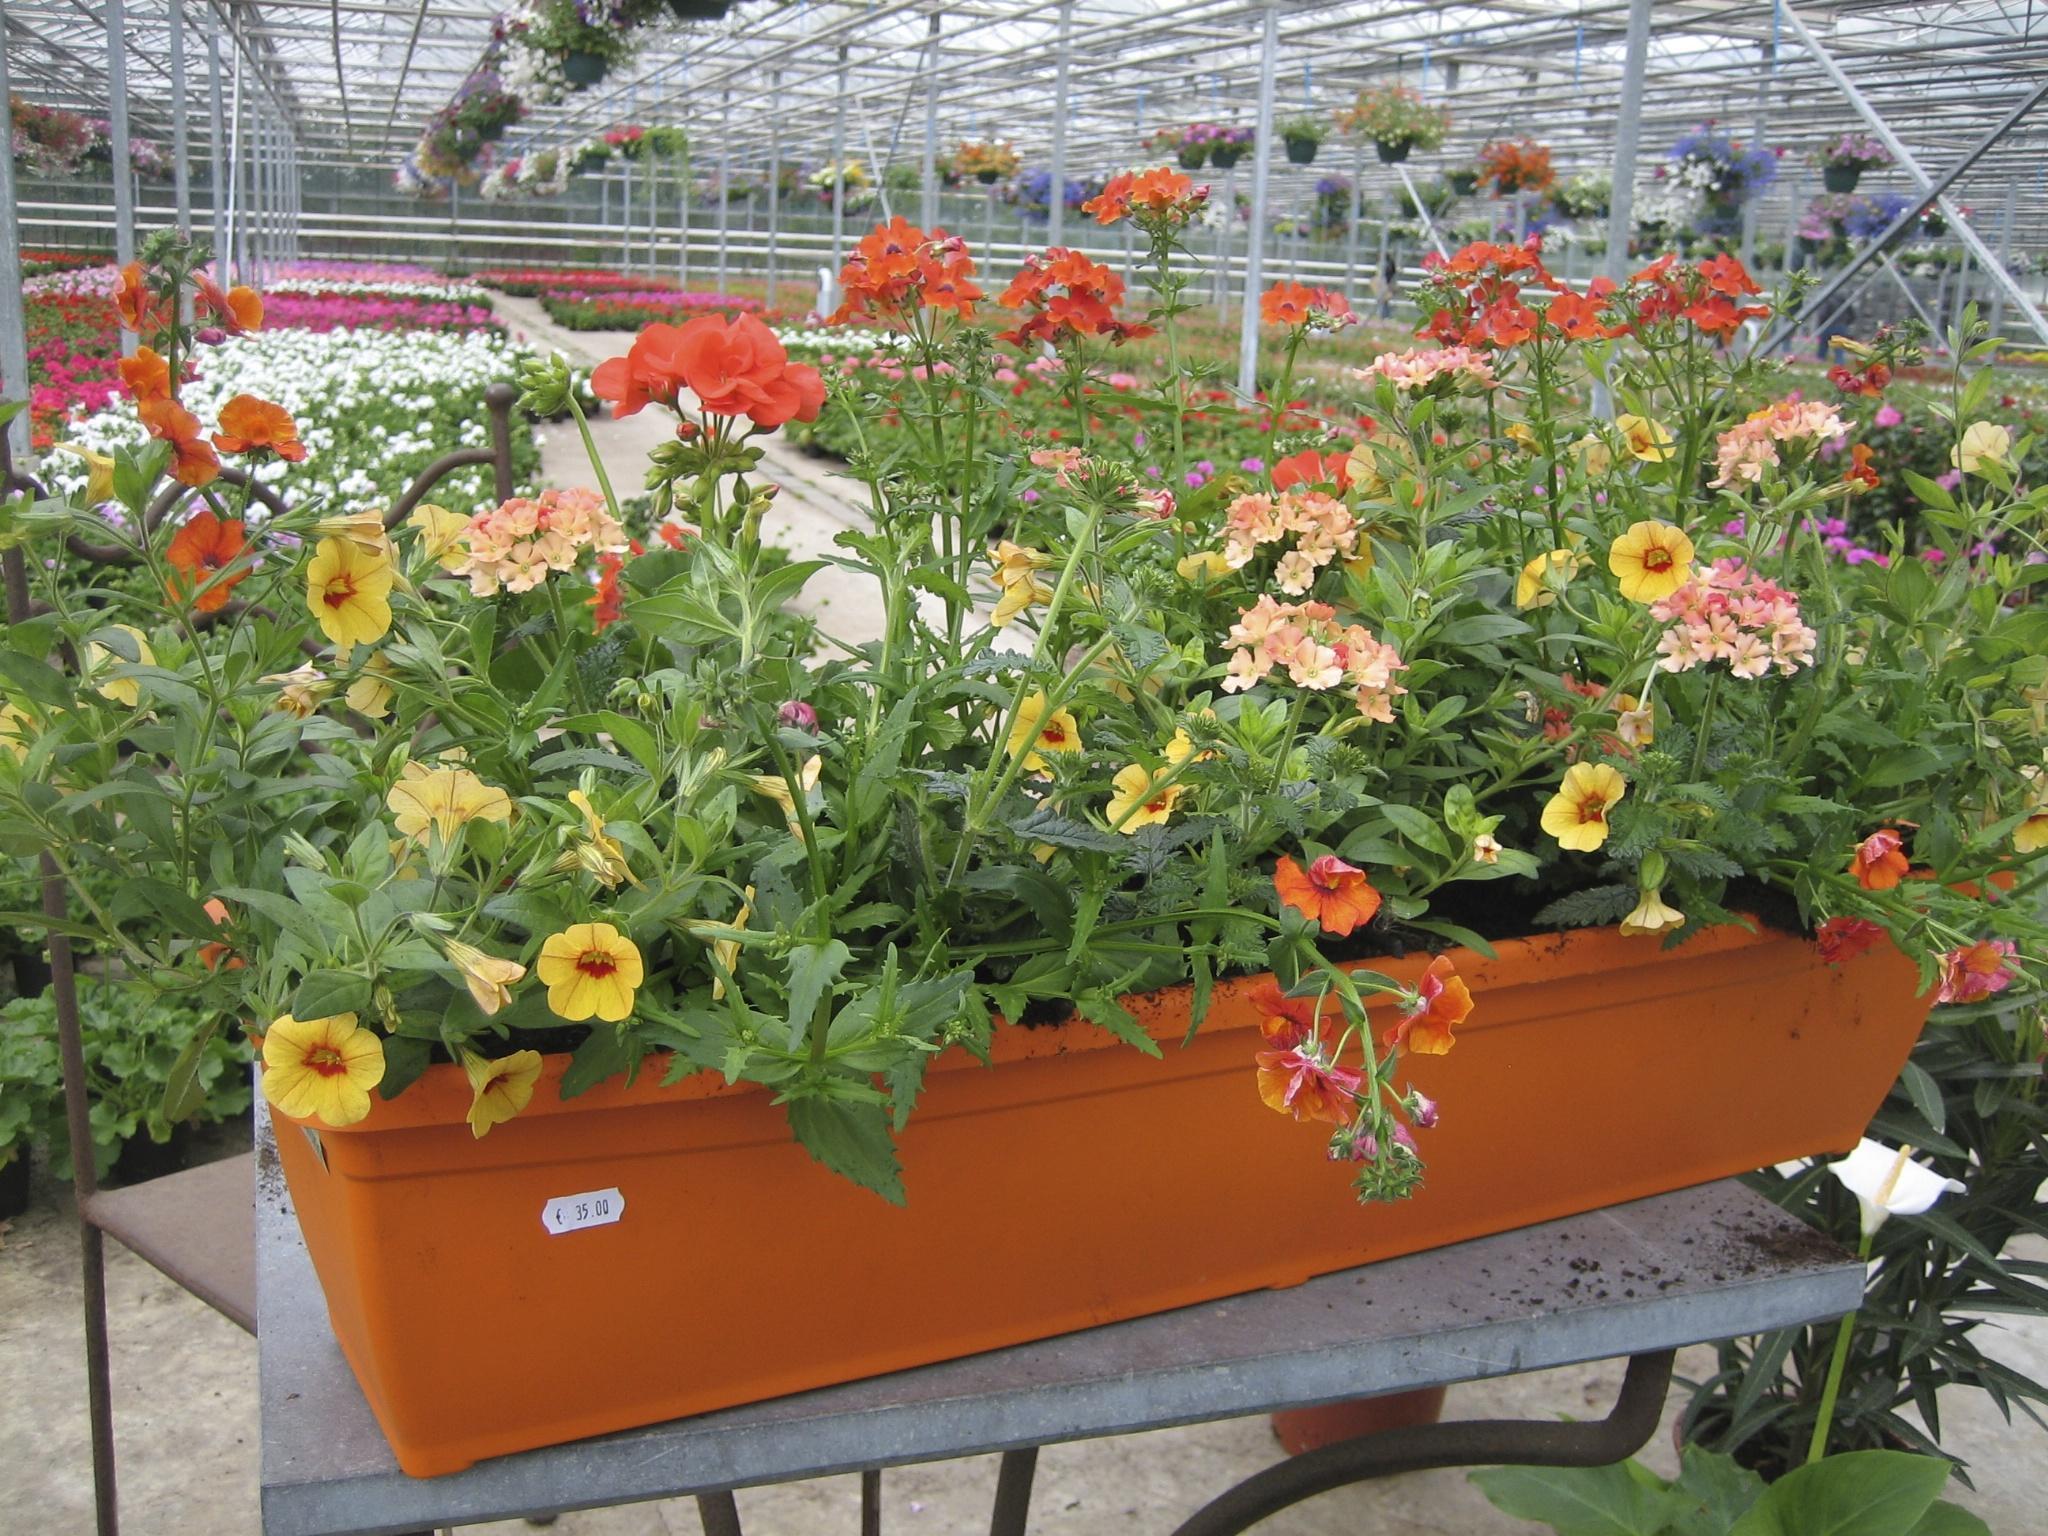 Comment Arroser Mes Plantes Pendant Les Vacances trucs pour que vos jardinières restent belles pendant vos